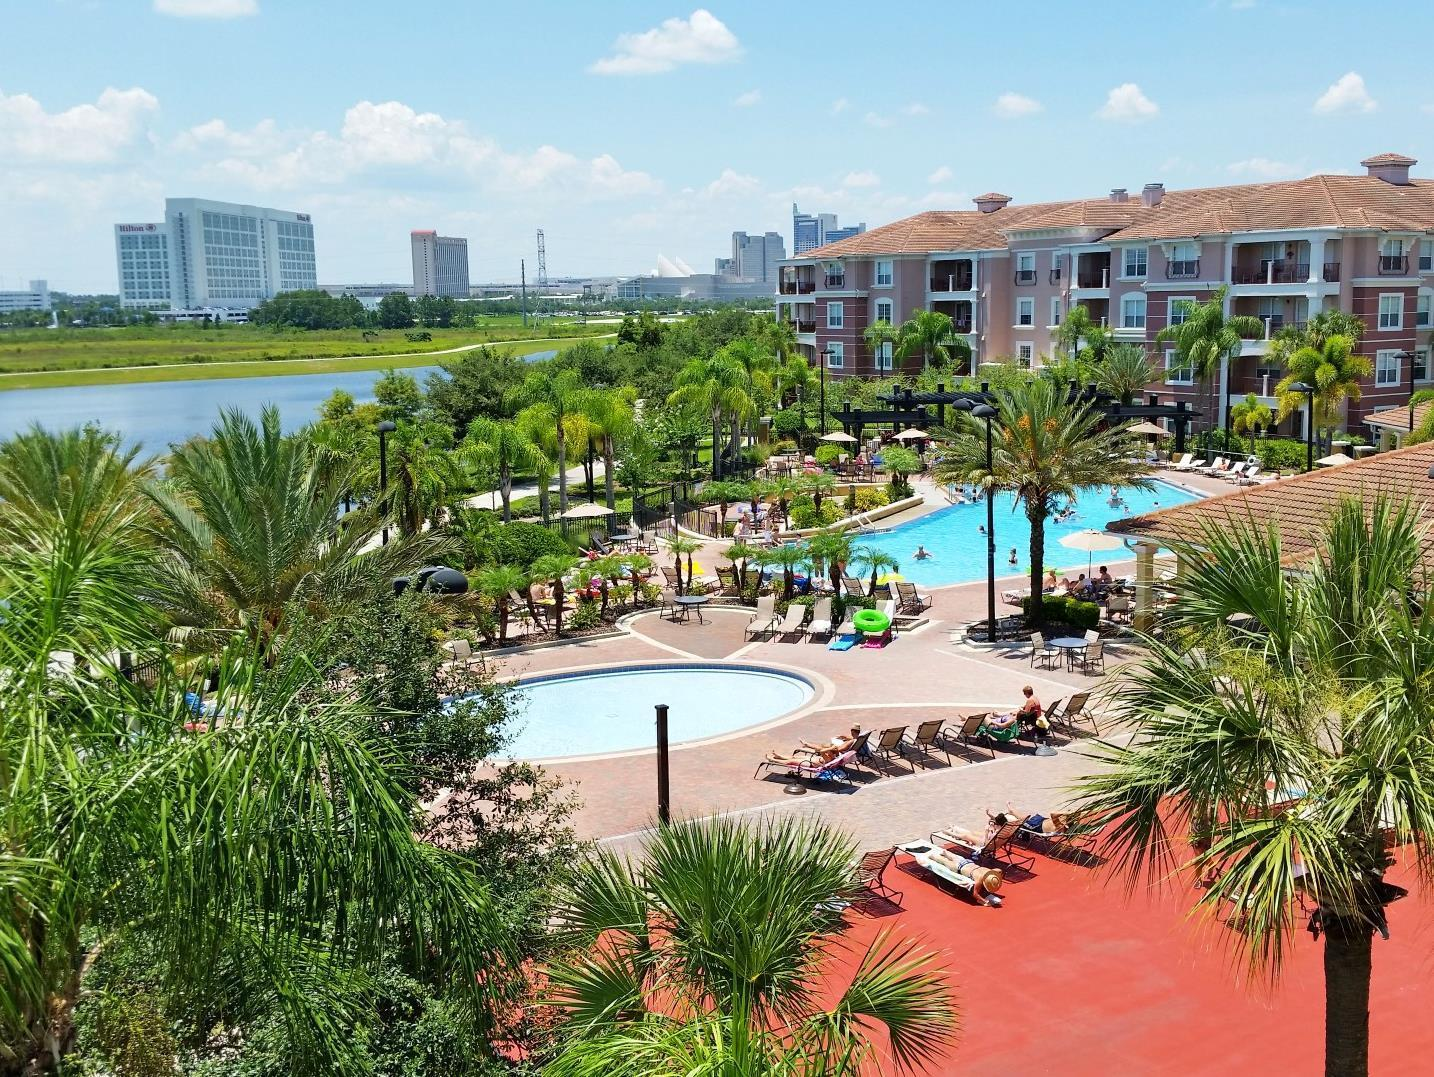 Vista Cay Resort by Casiola Vacation Homes - Orlando